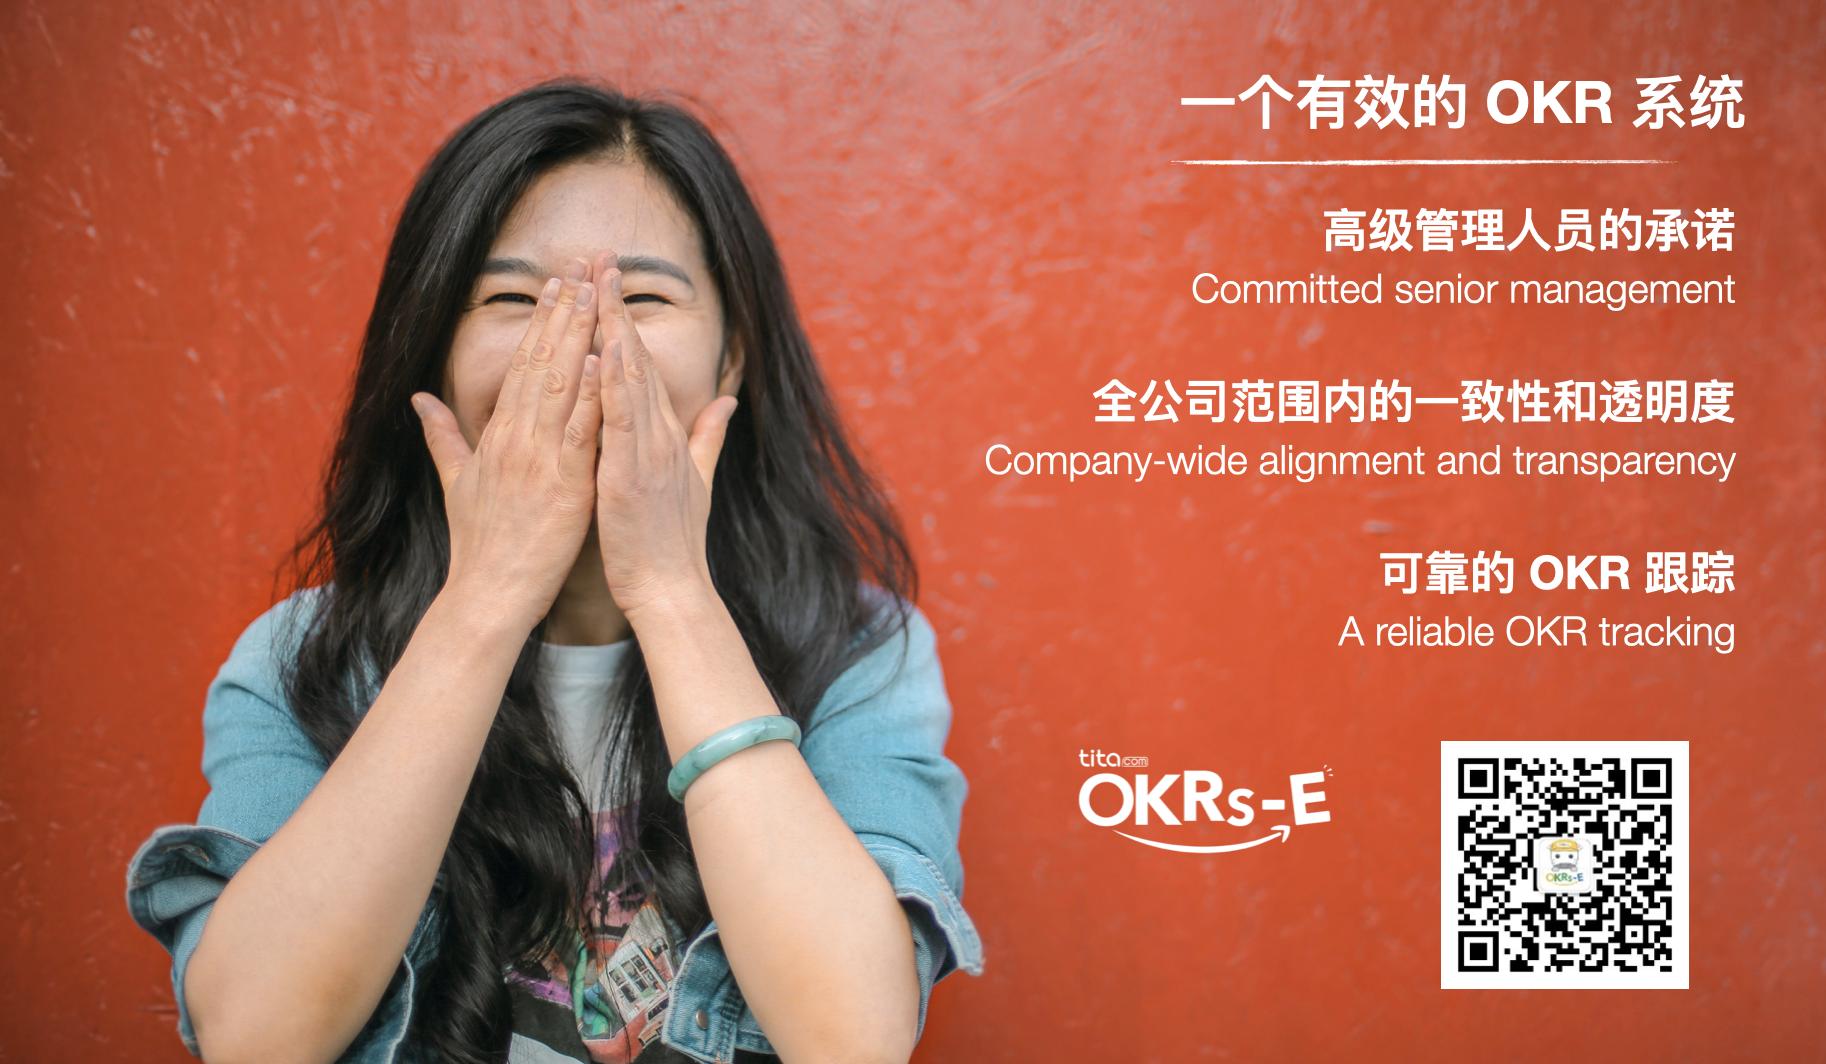 当 OKR 严重失败时,如何重新启动它们?